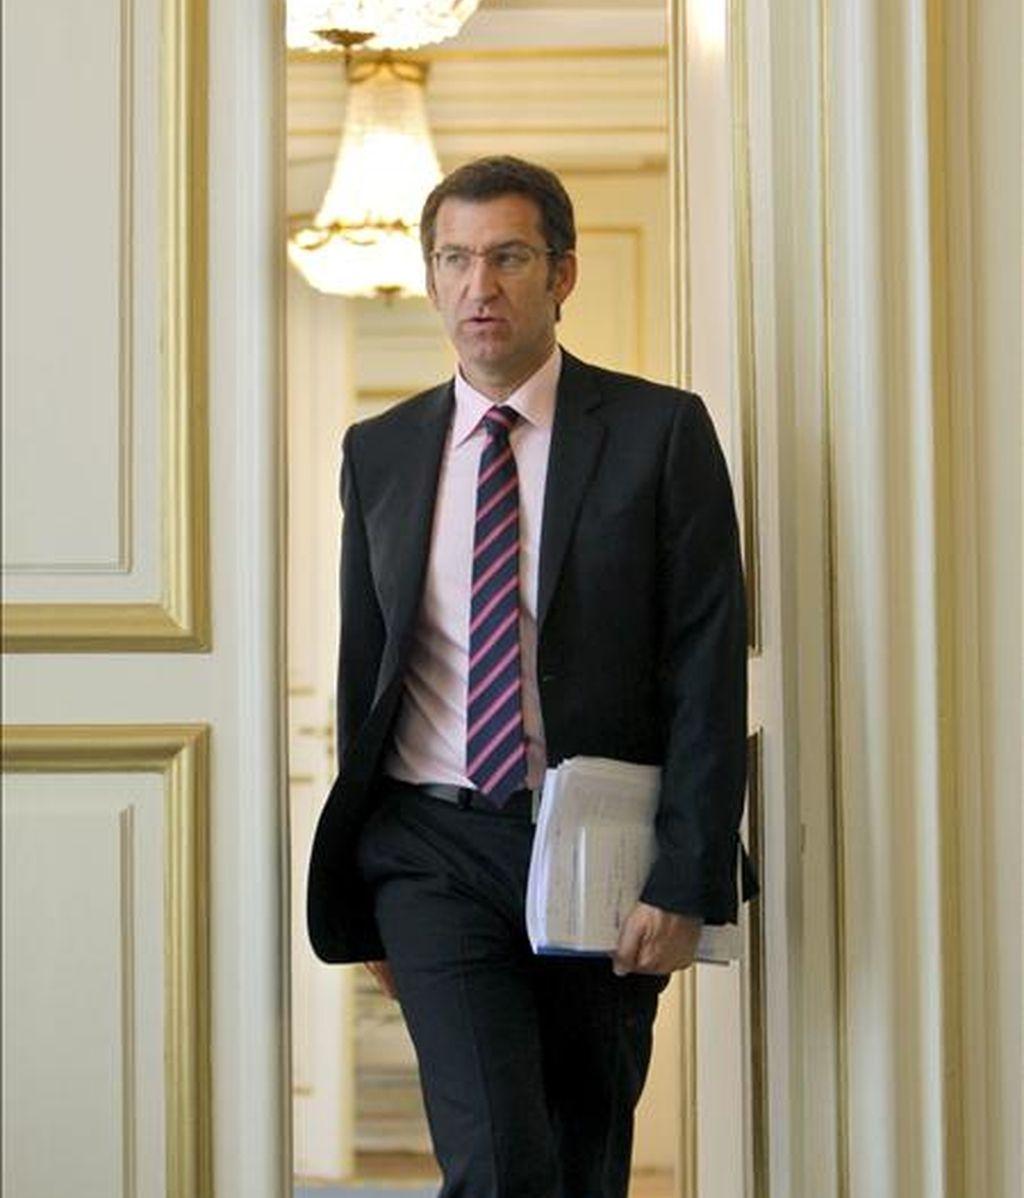 El presidente de la Xunta, Alberto Núñez Feijóo. EFE/Archivo